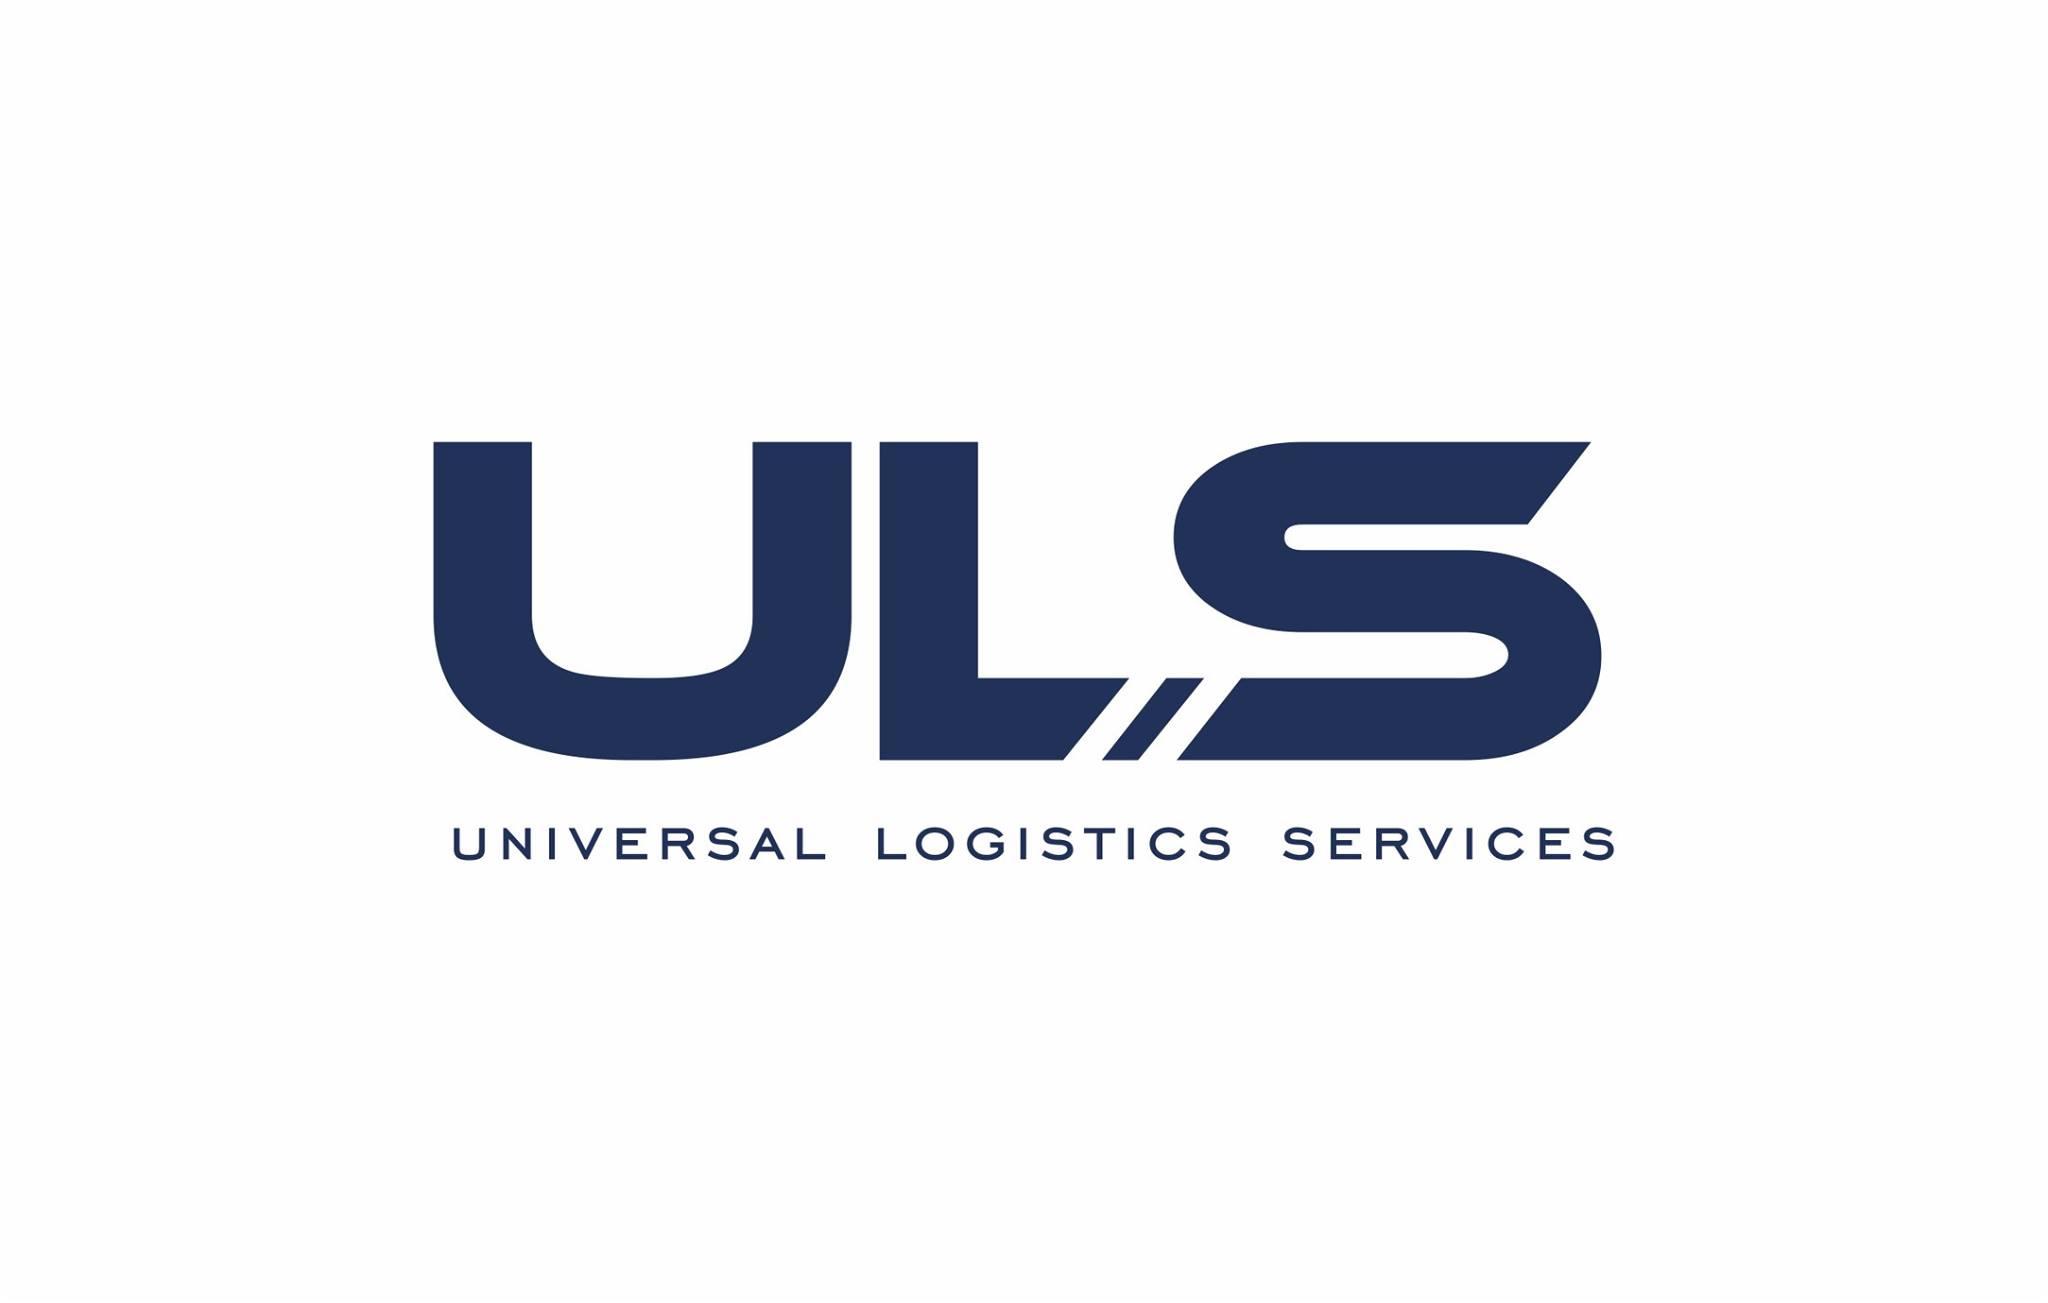 Ребрендинг логистической компании UNIVERSAL LOGISTICS SERVICES